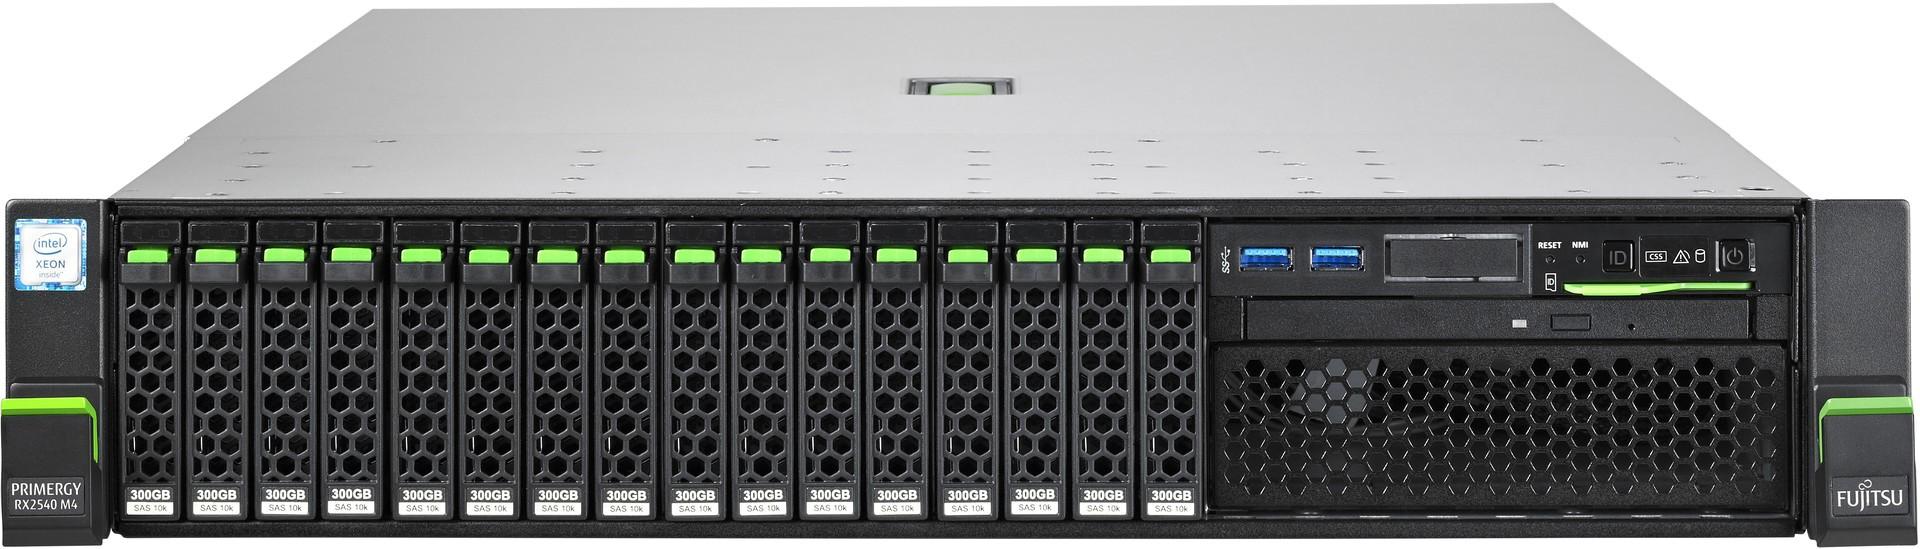 FUJITSU PRIMERGY Server RX2540 M4